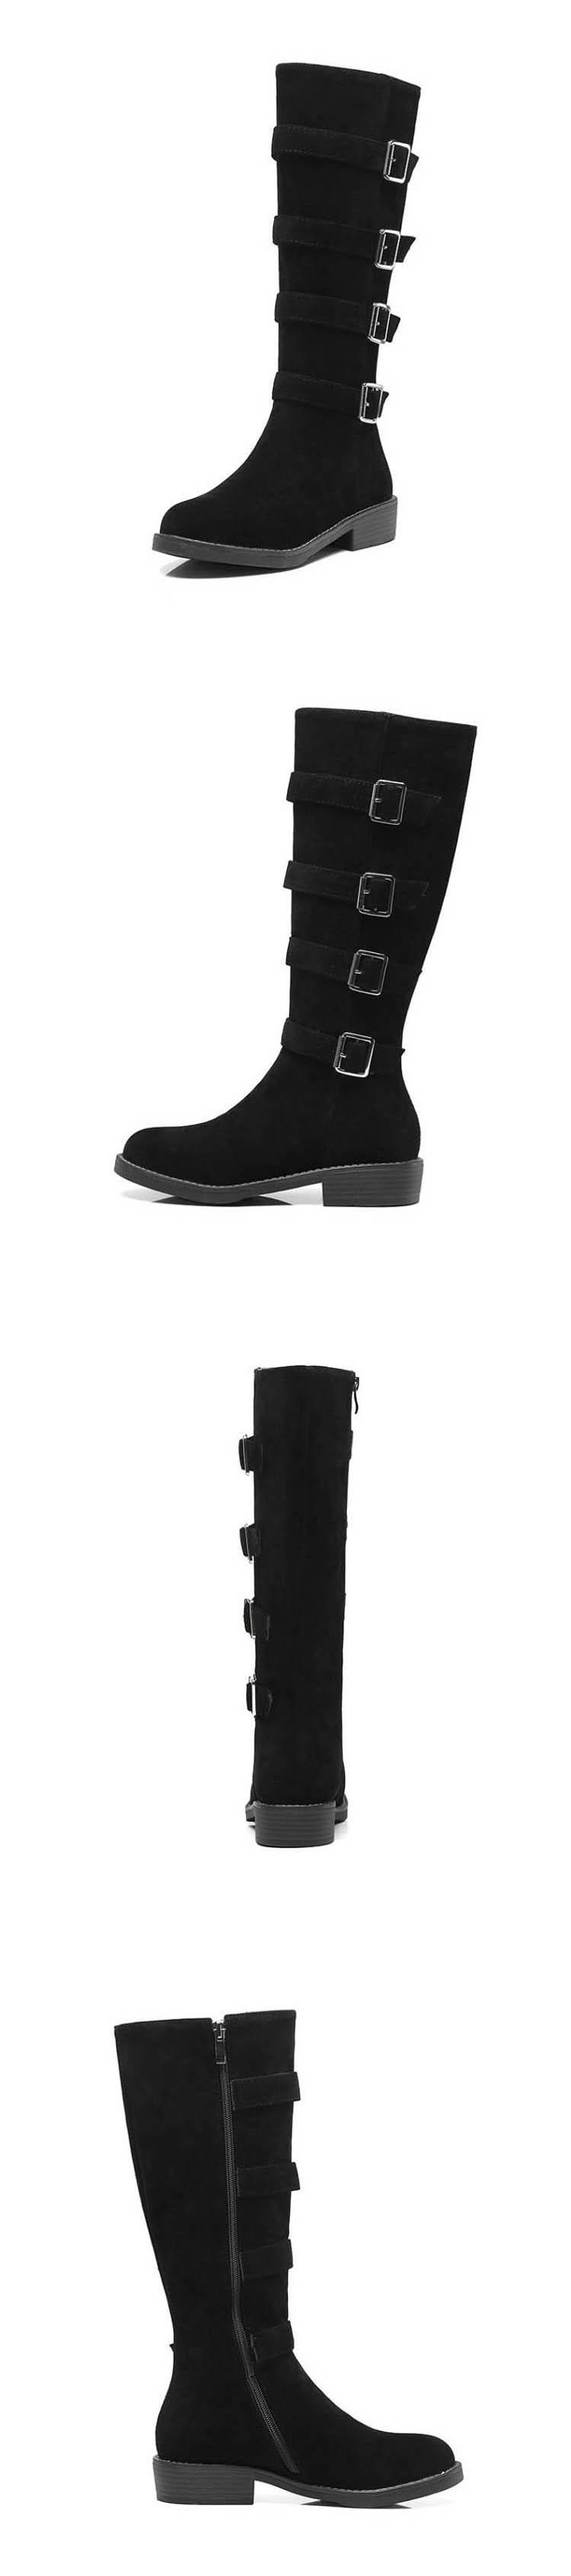 women boots Z604-2